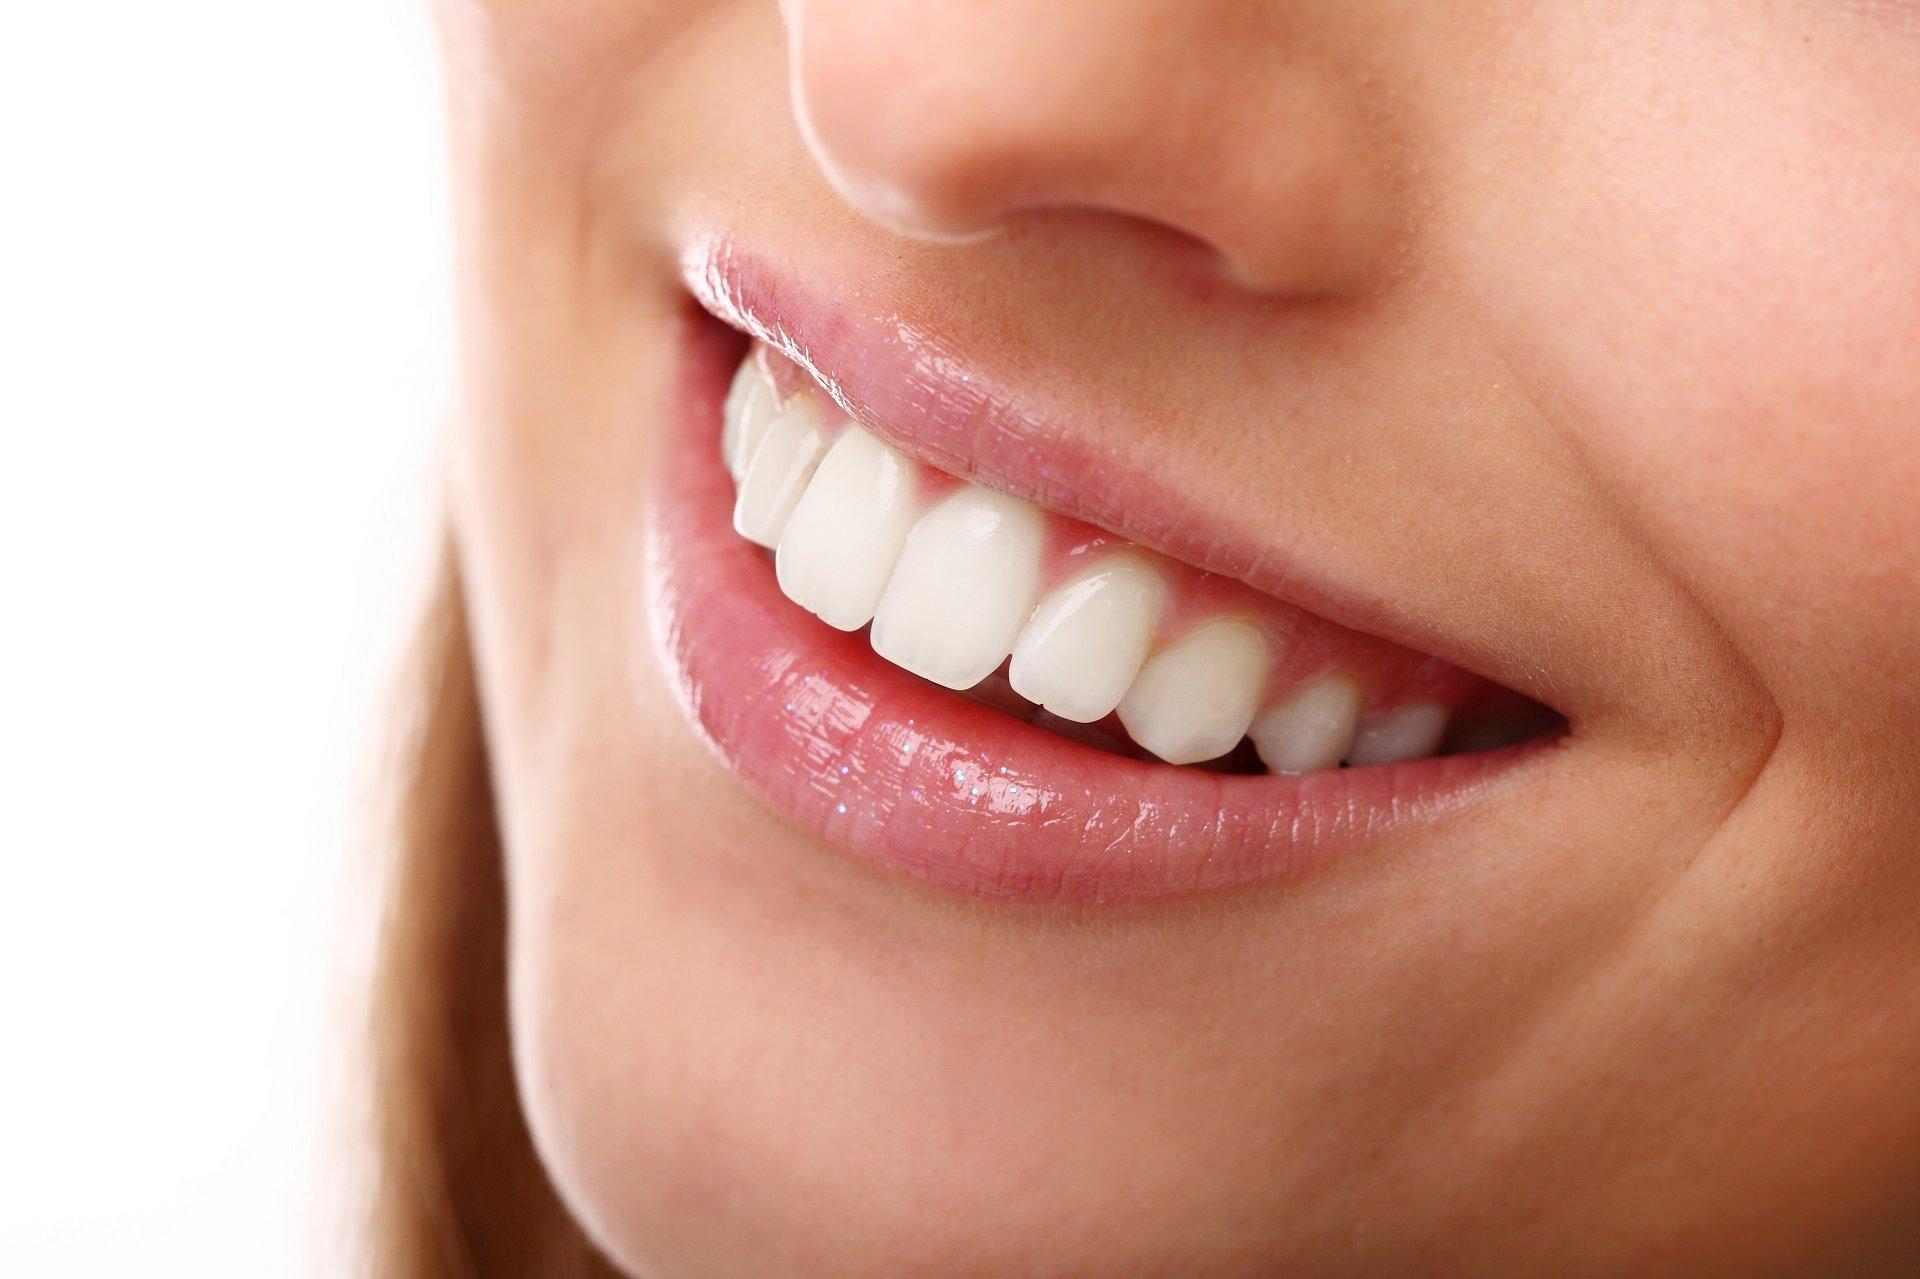 Kozmetik Diş Hekimliği Prosedürleri ve Seçenekleri